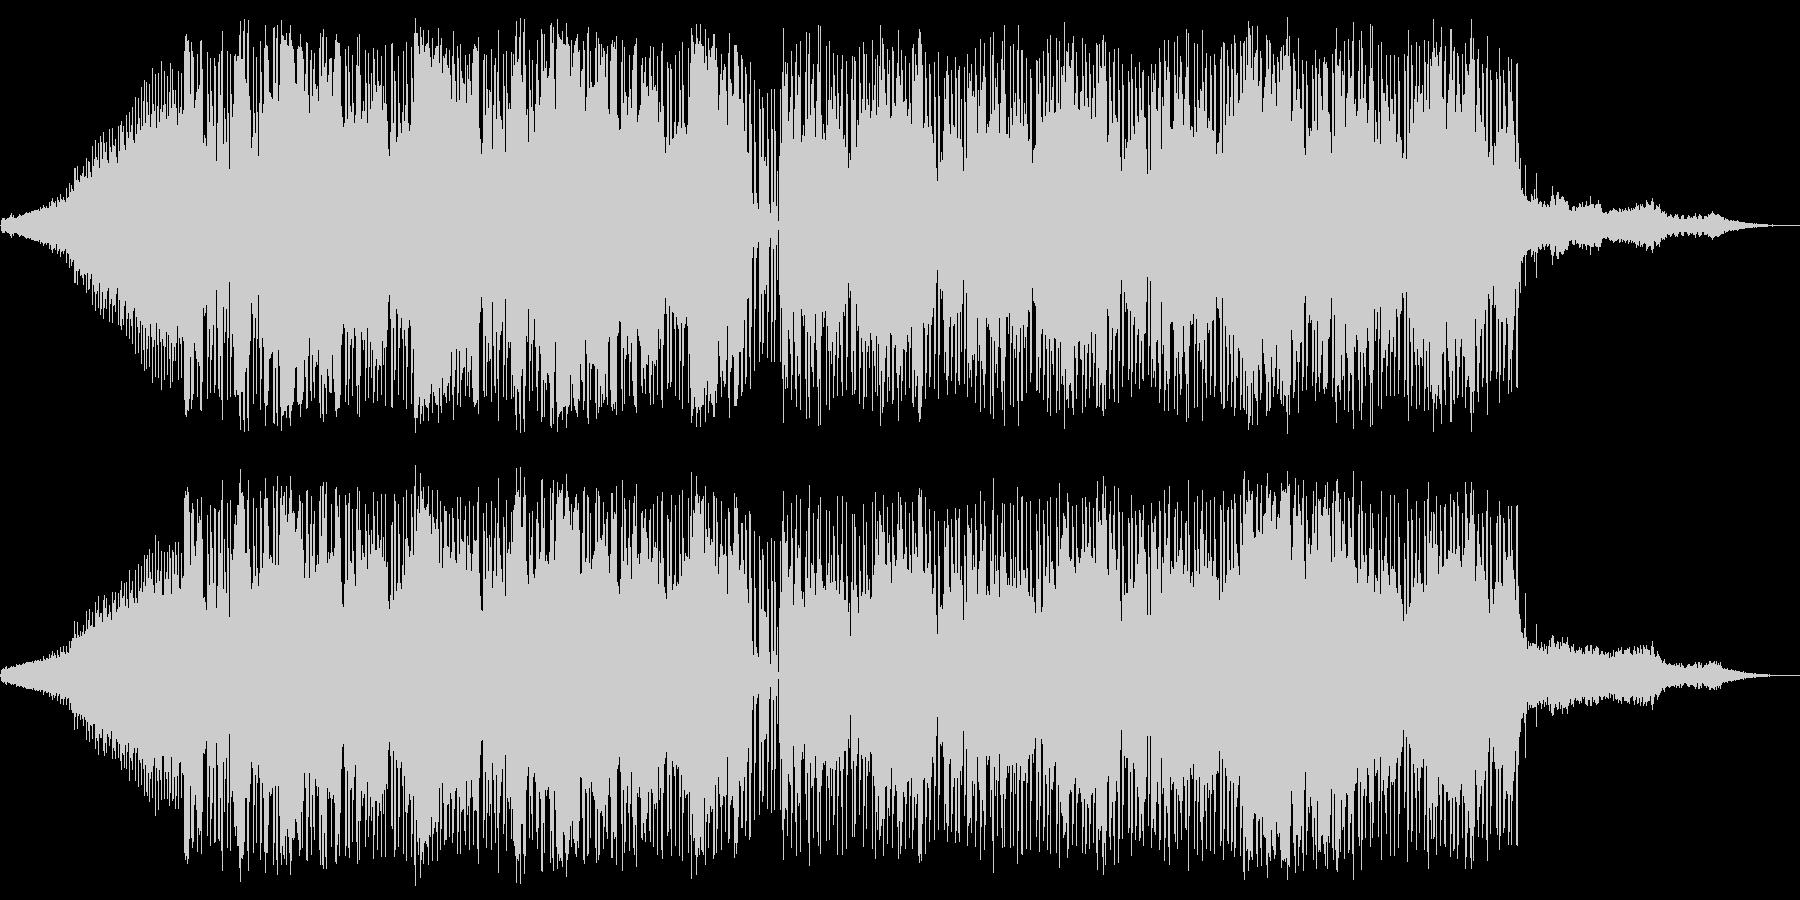 ビート主体のチル系の未再生の波形